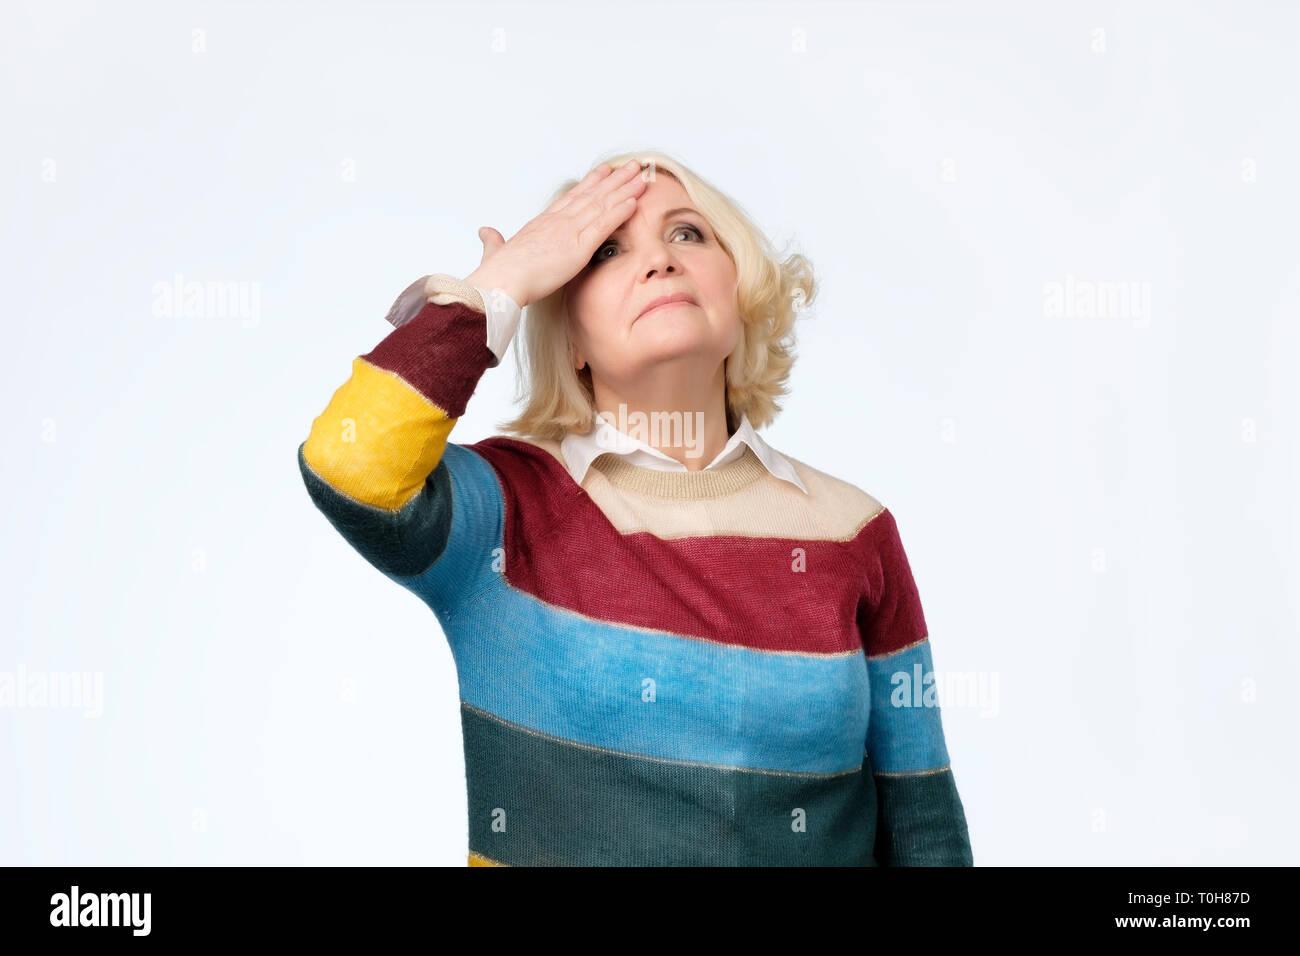 Ältere blonde Frau mit der Hand überrascht auf dem Kopf für Fehler, denken Sie daran, Fehler Stockbild